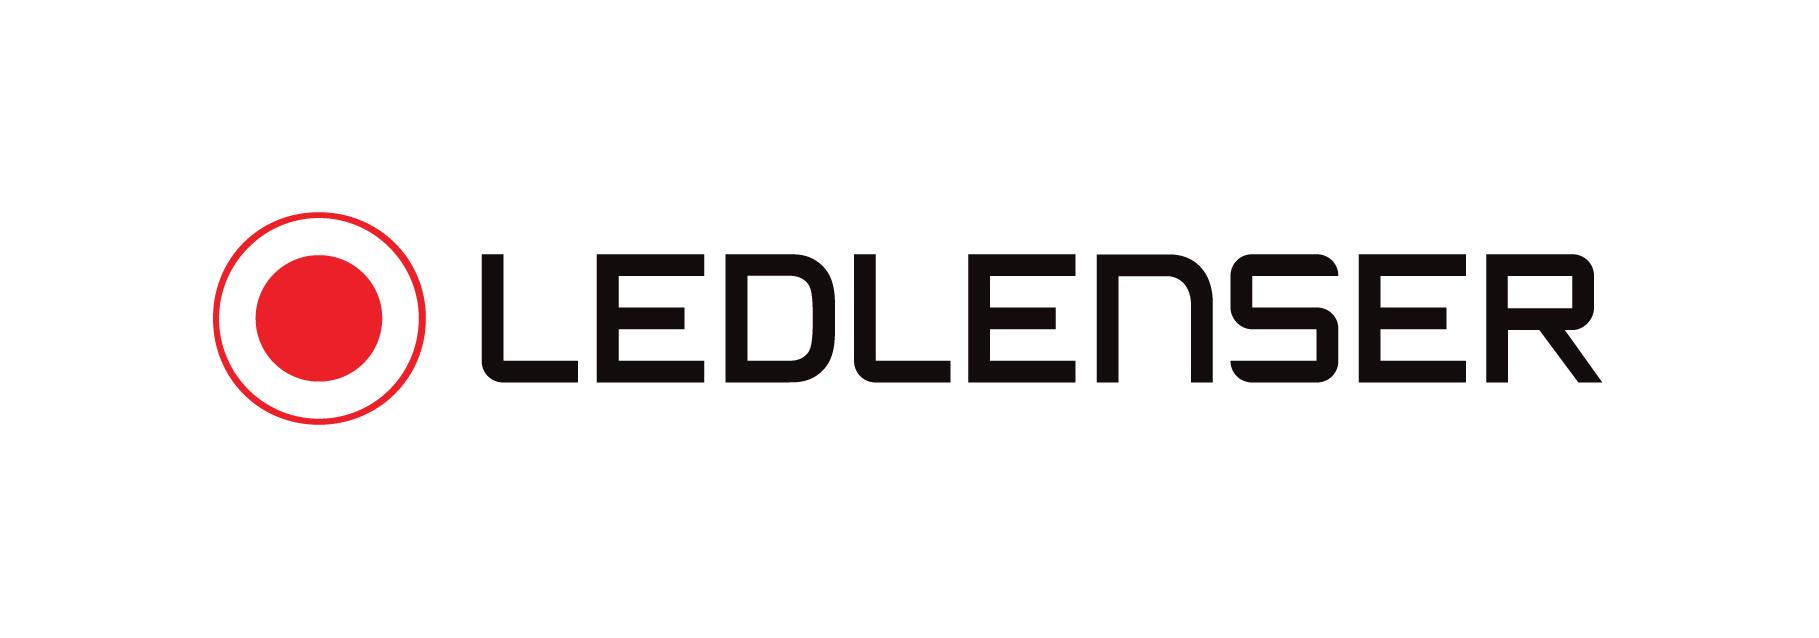 Ledlenser logo